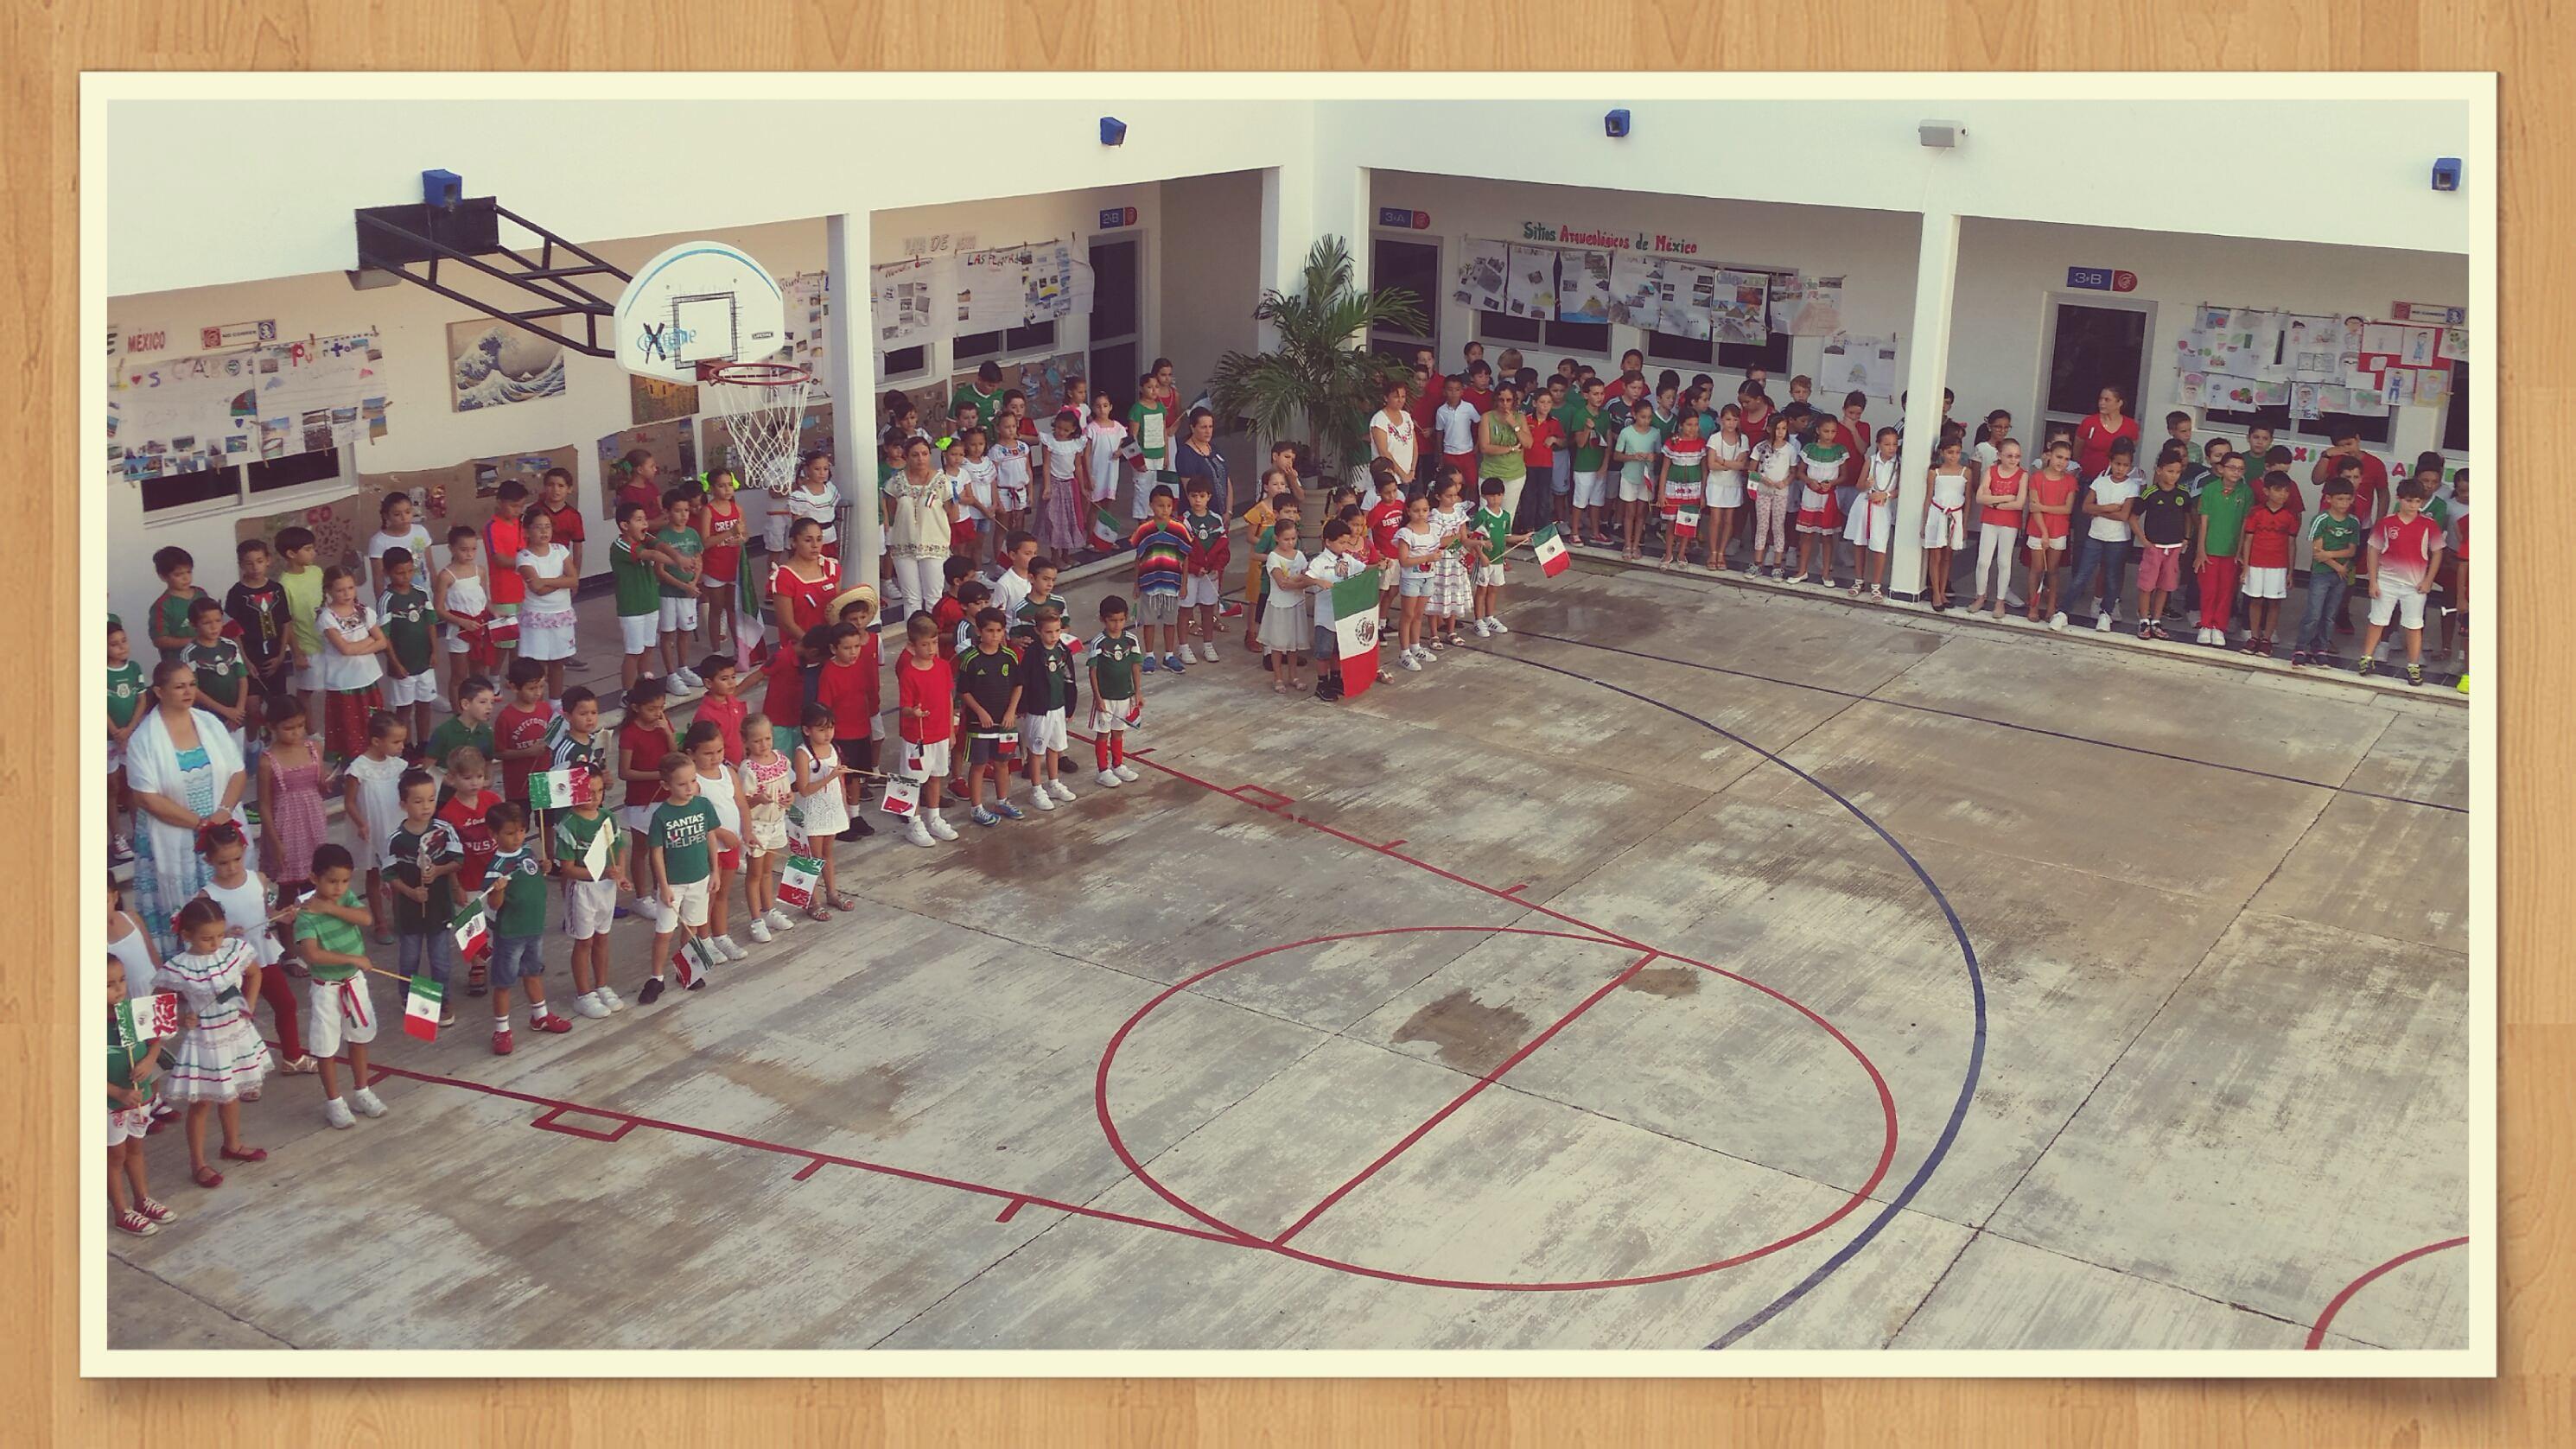 Celebración día 15 Septiembre 2016. Colegio Alexandre. Cancún